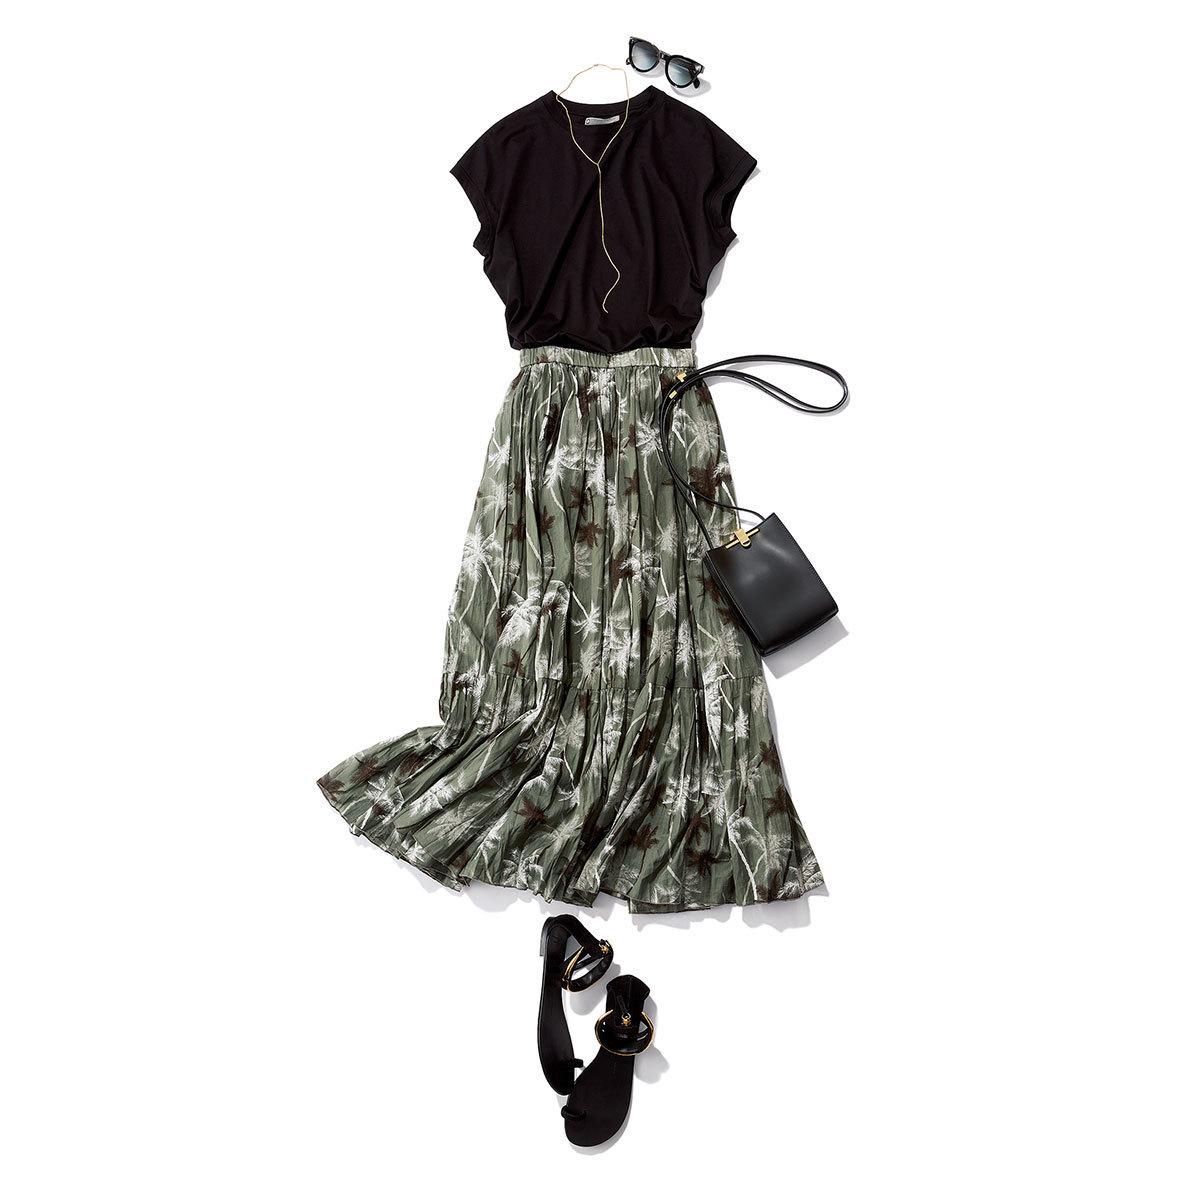 黒Tシャツ×プリントスカート